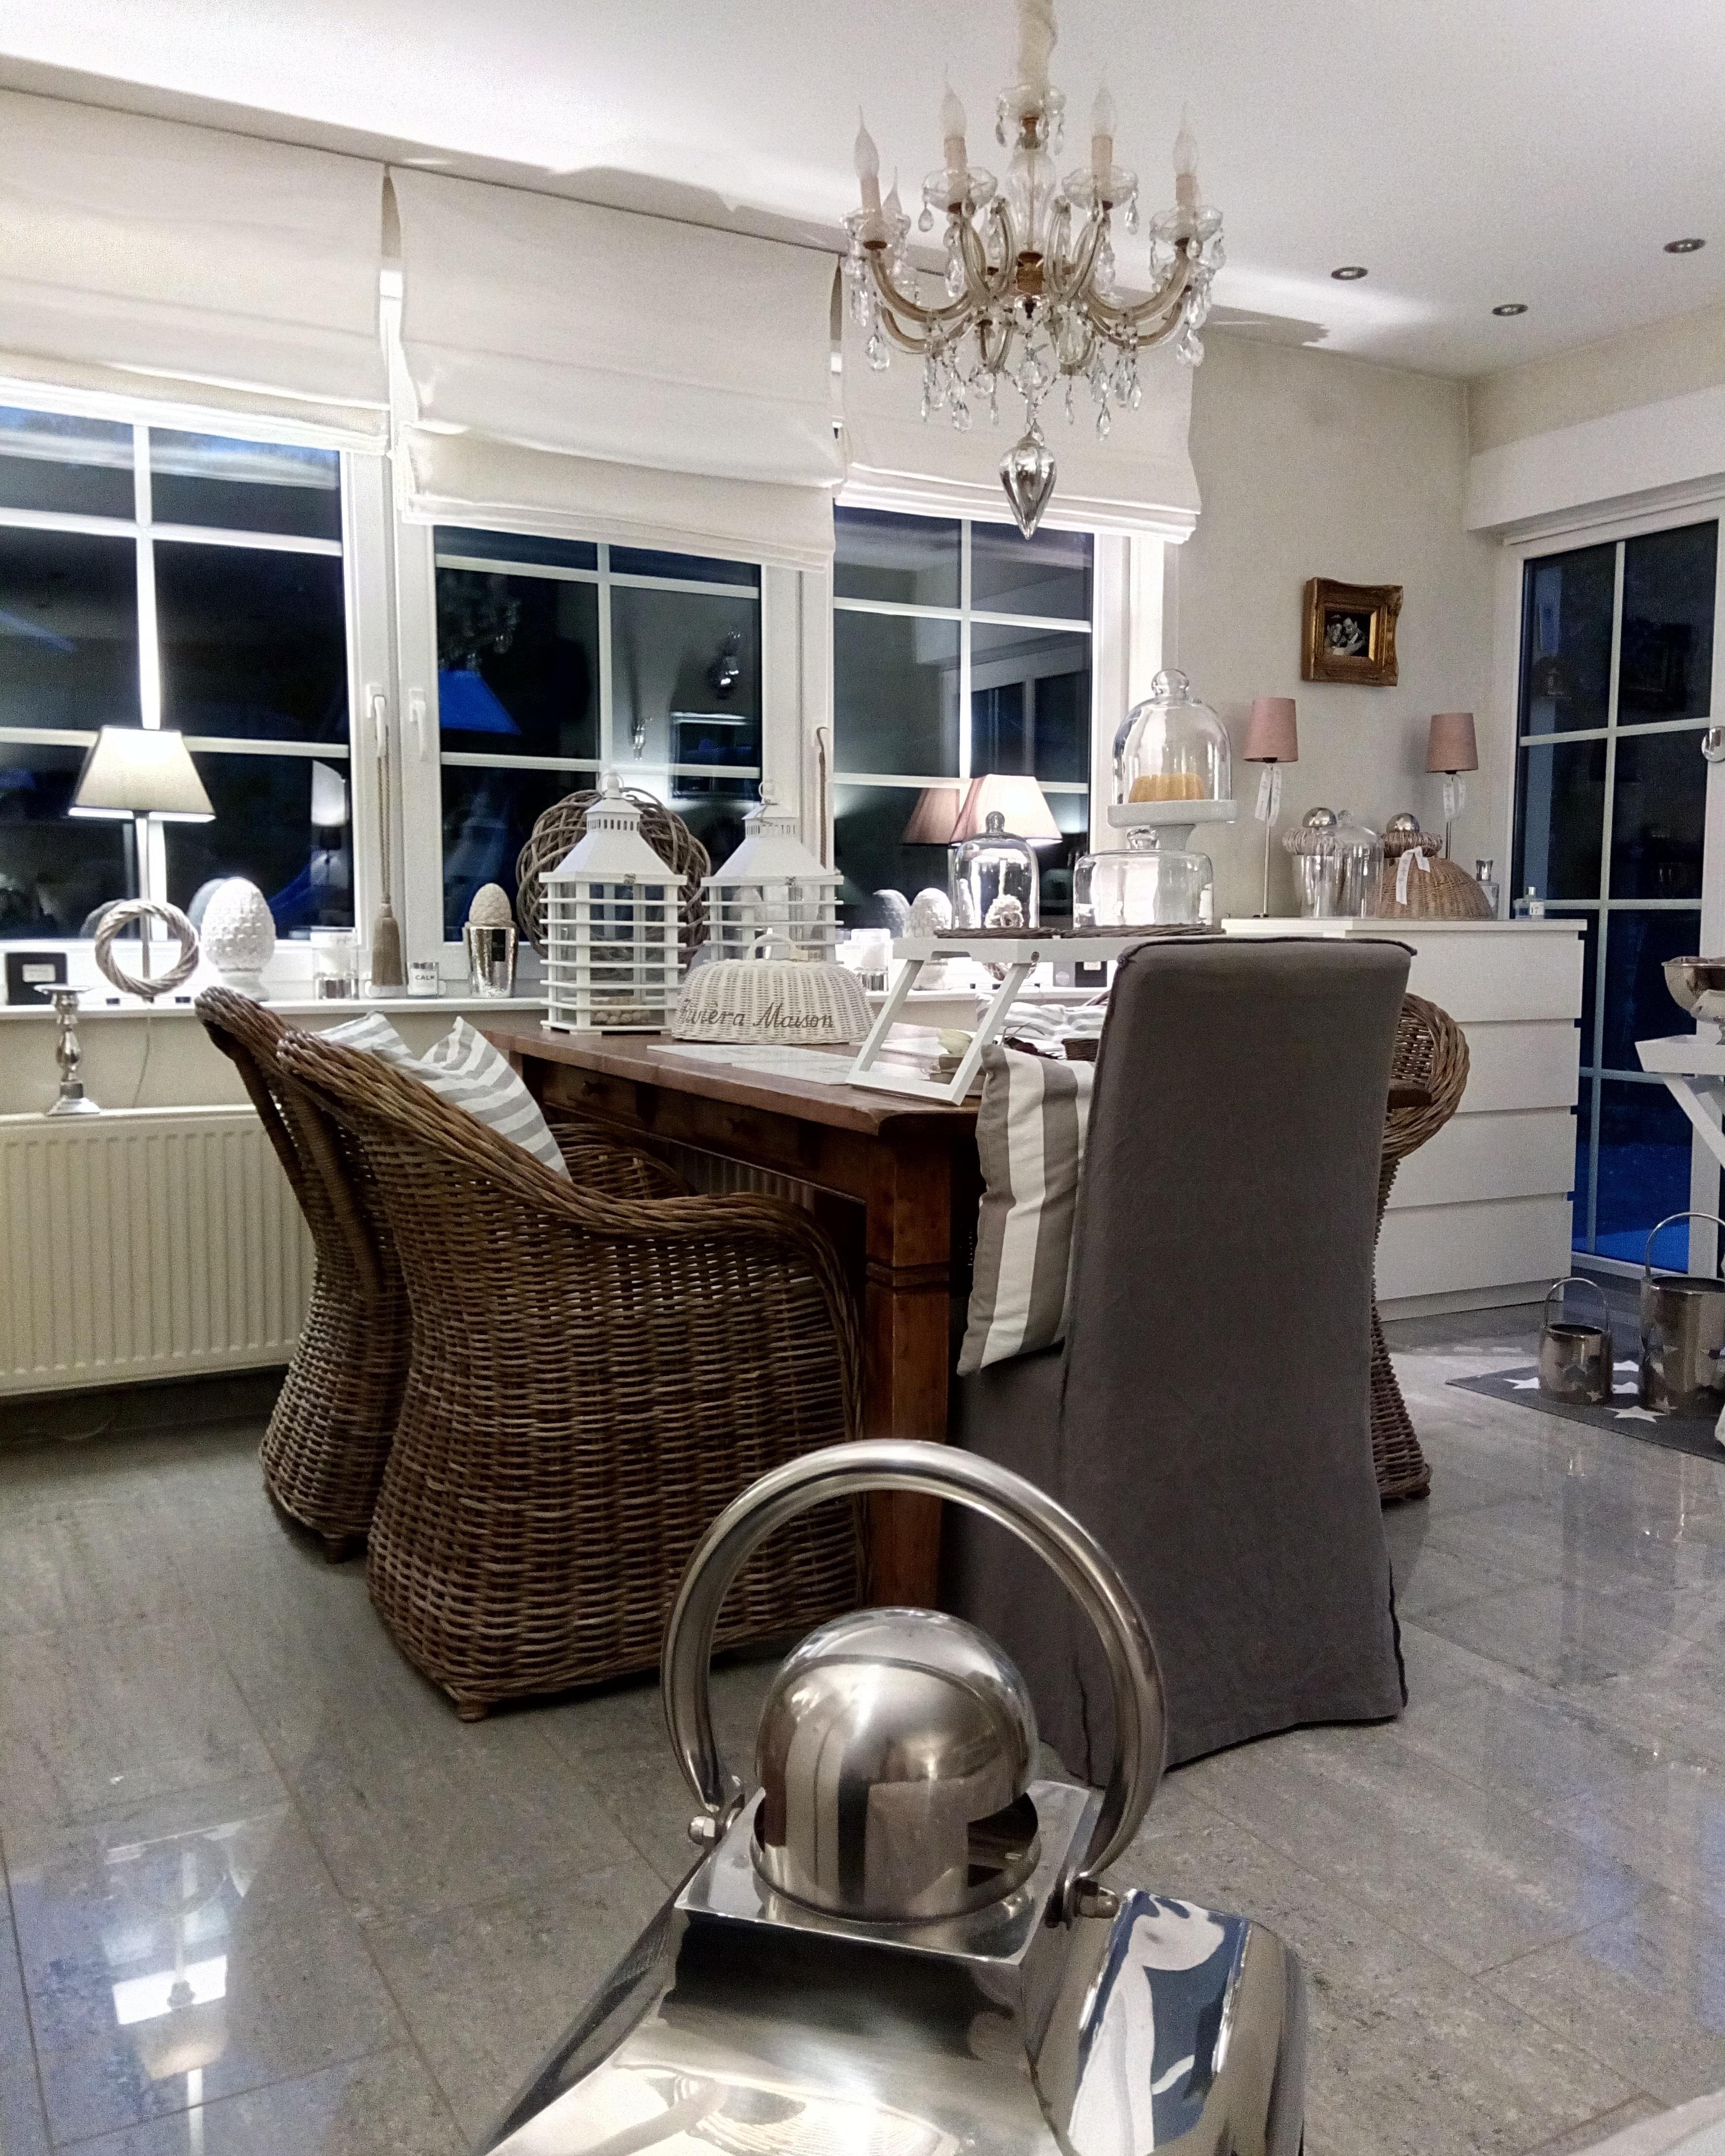 #deko #interior #wohnzimmer #landhaus